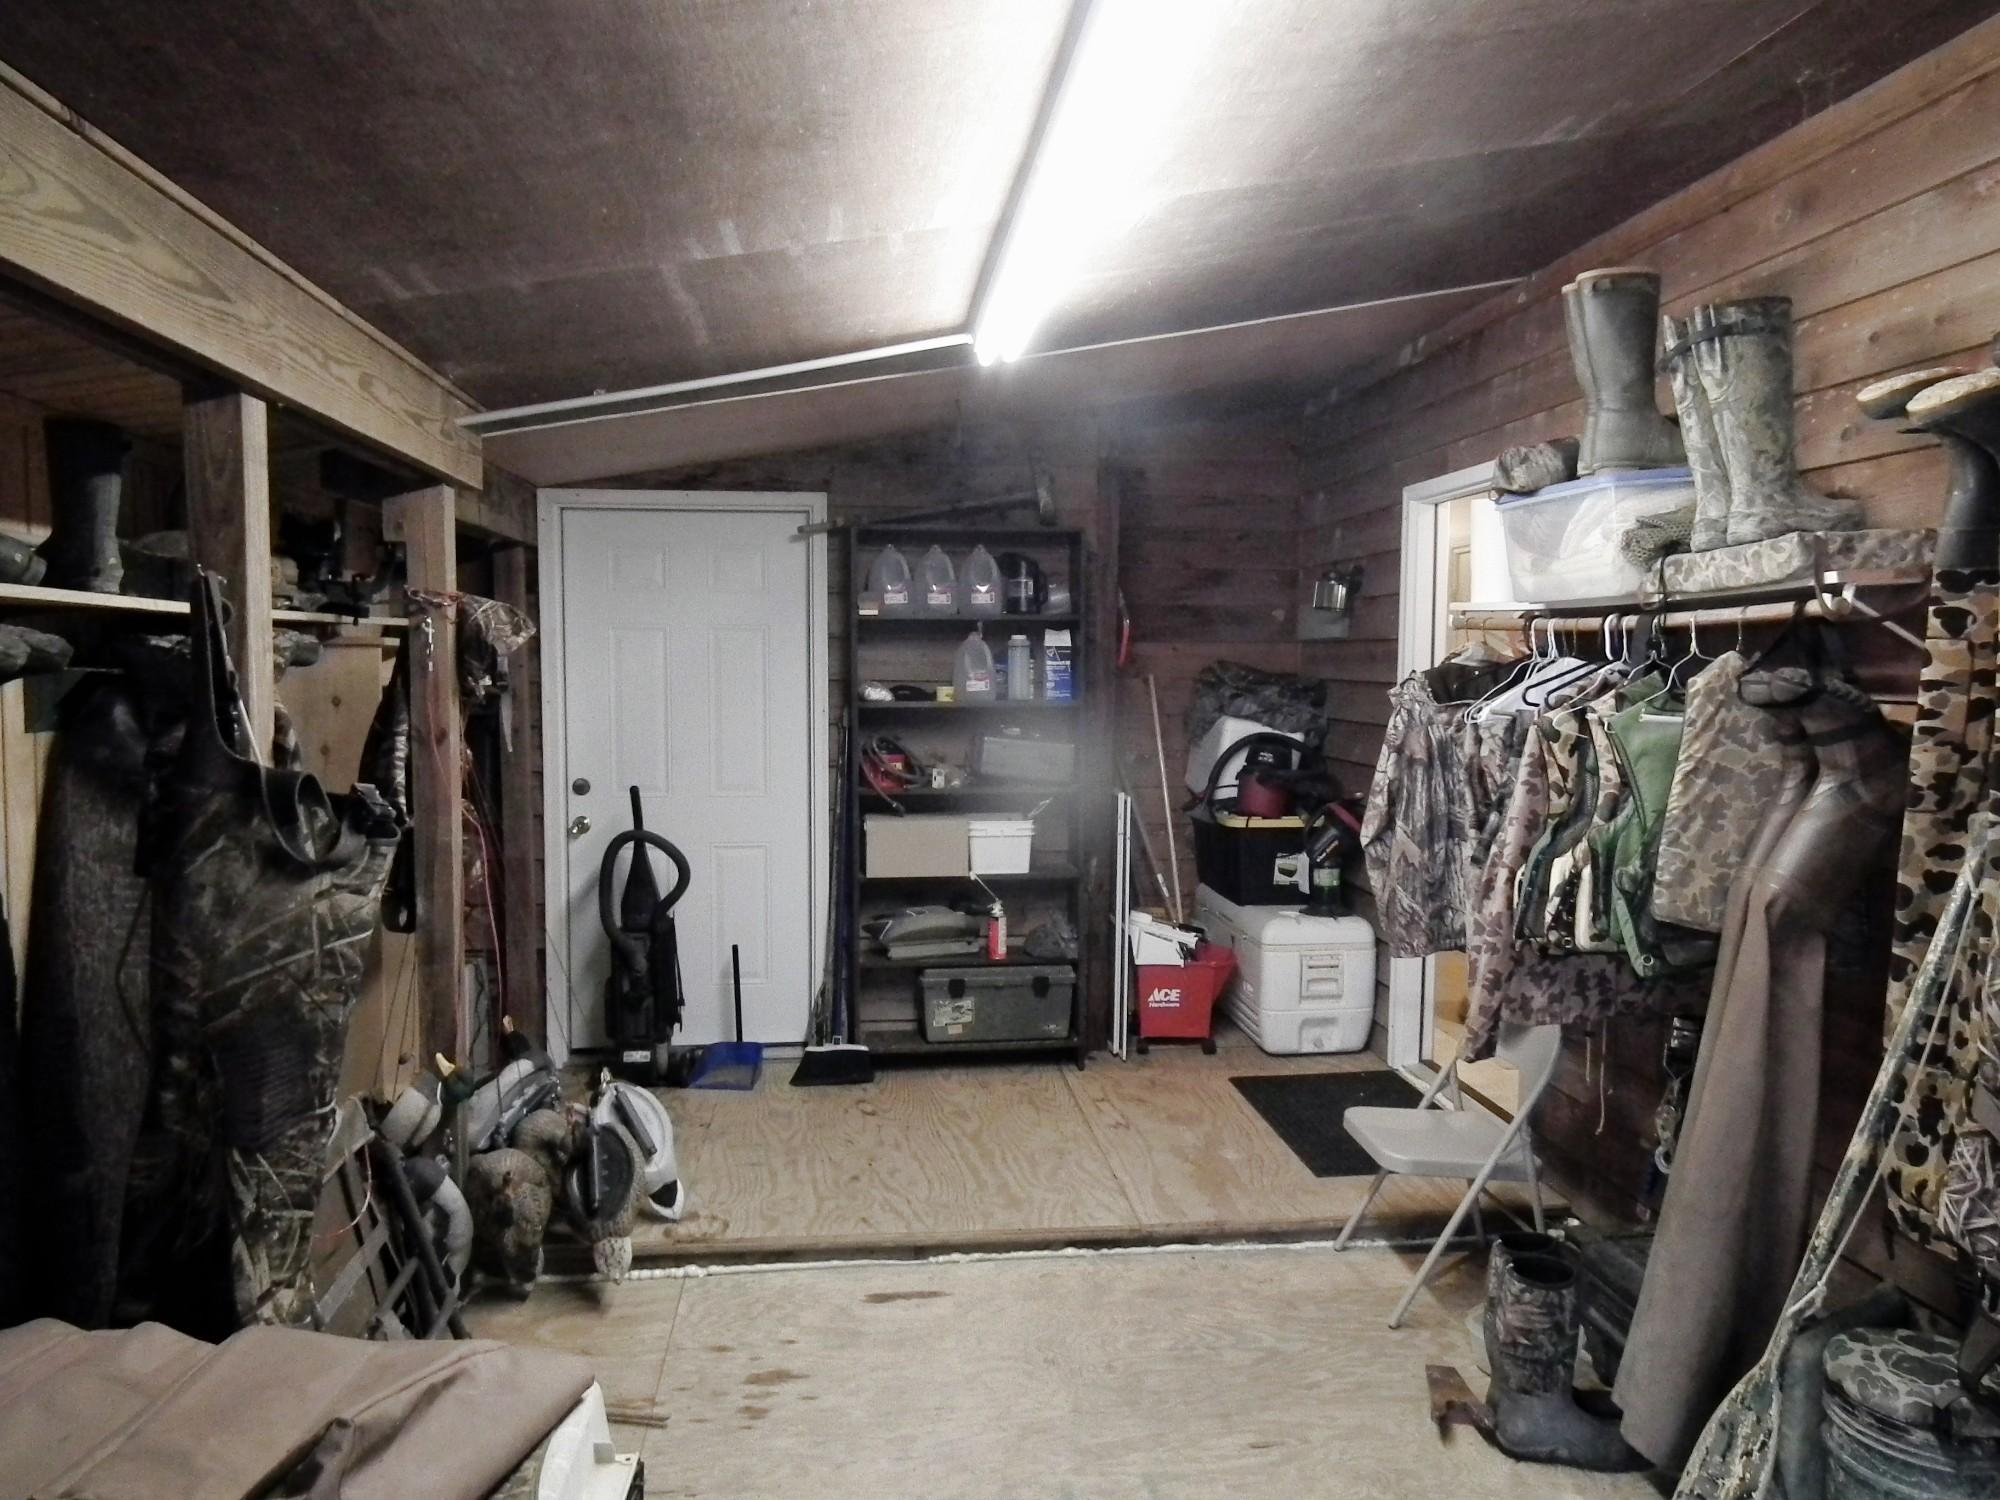 27-Mud-Room